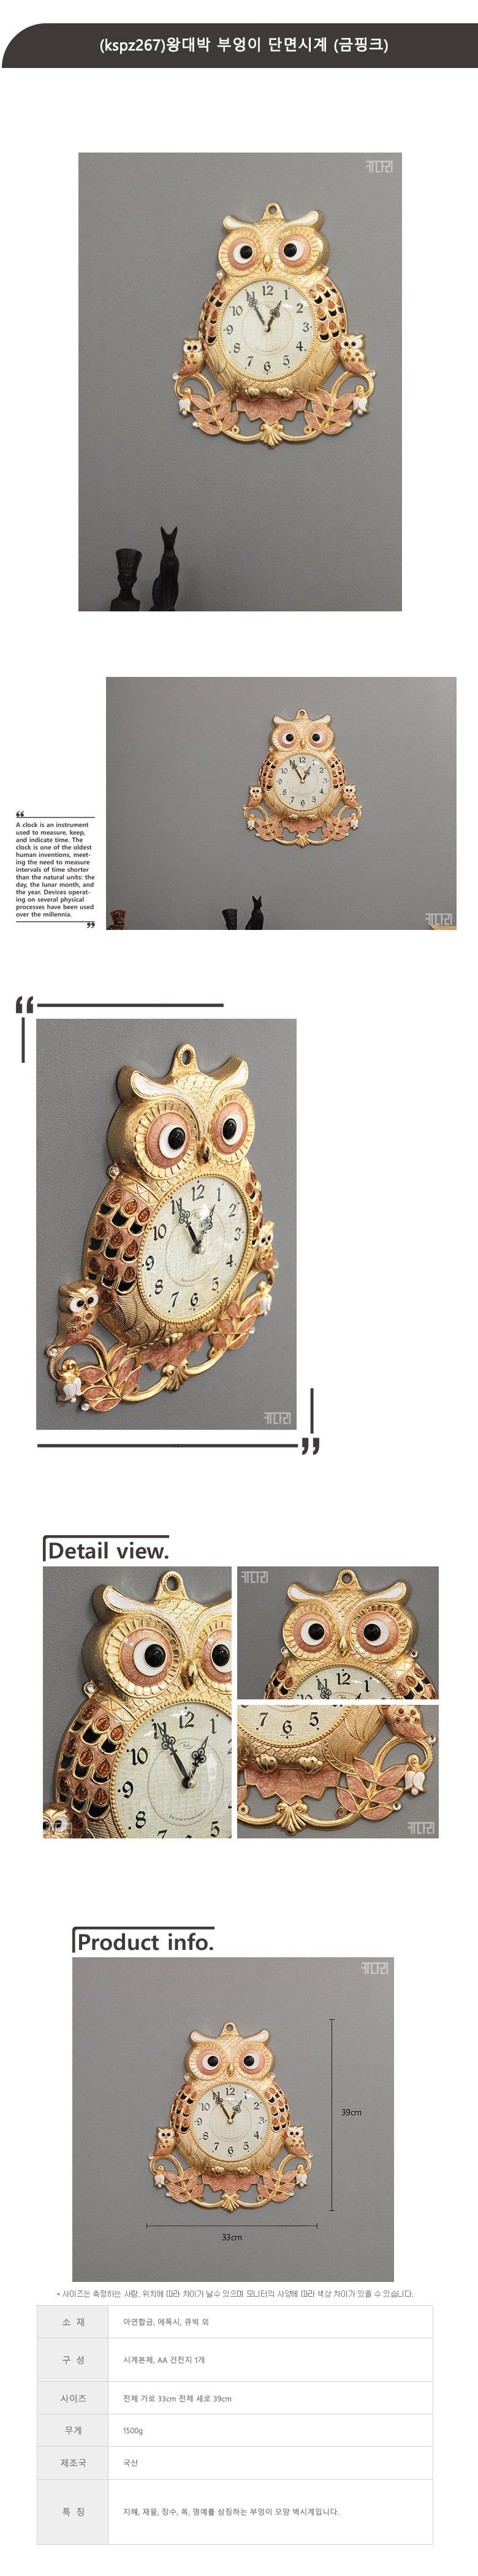 (kspz267)왕대박 부엉이 단면시계 (금핑크) - 키다리, 99,000원, 벽시계, 추벽시계